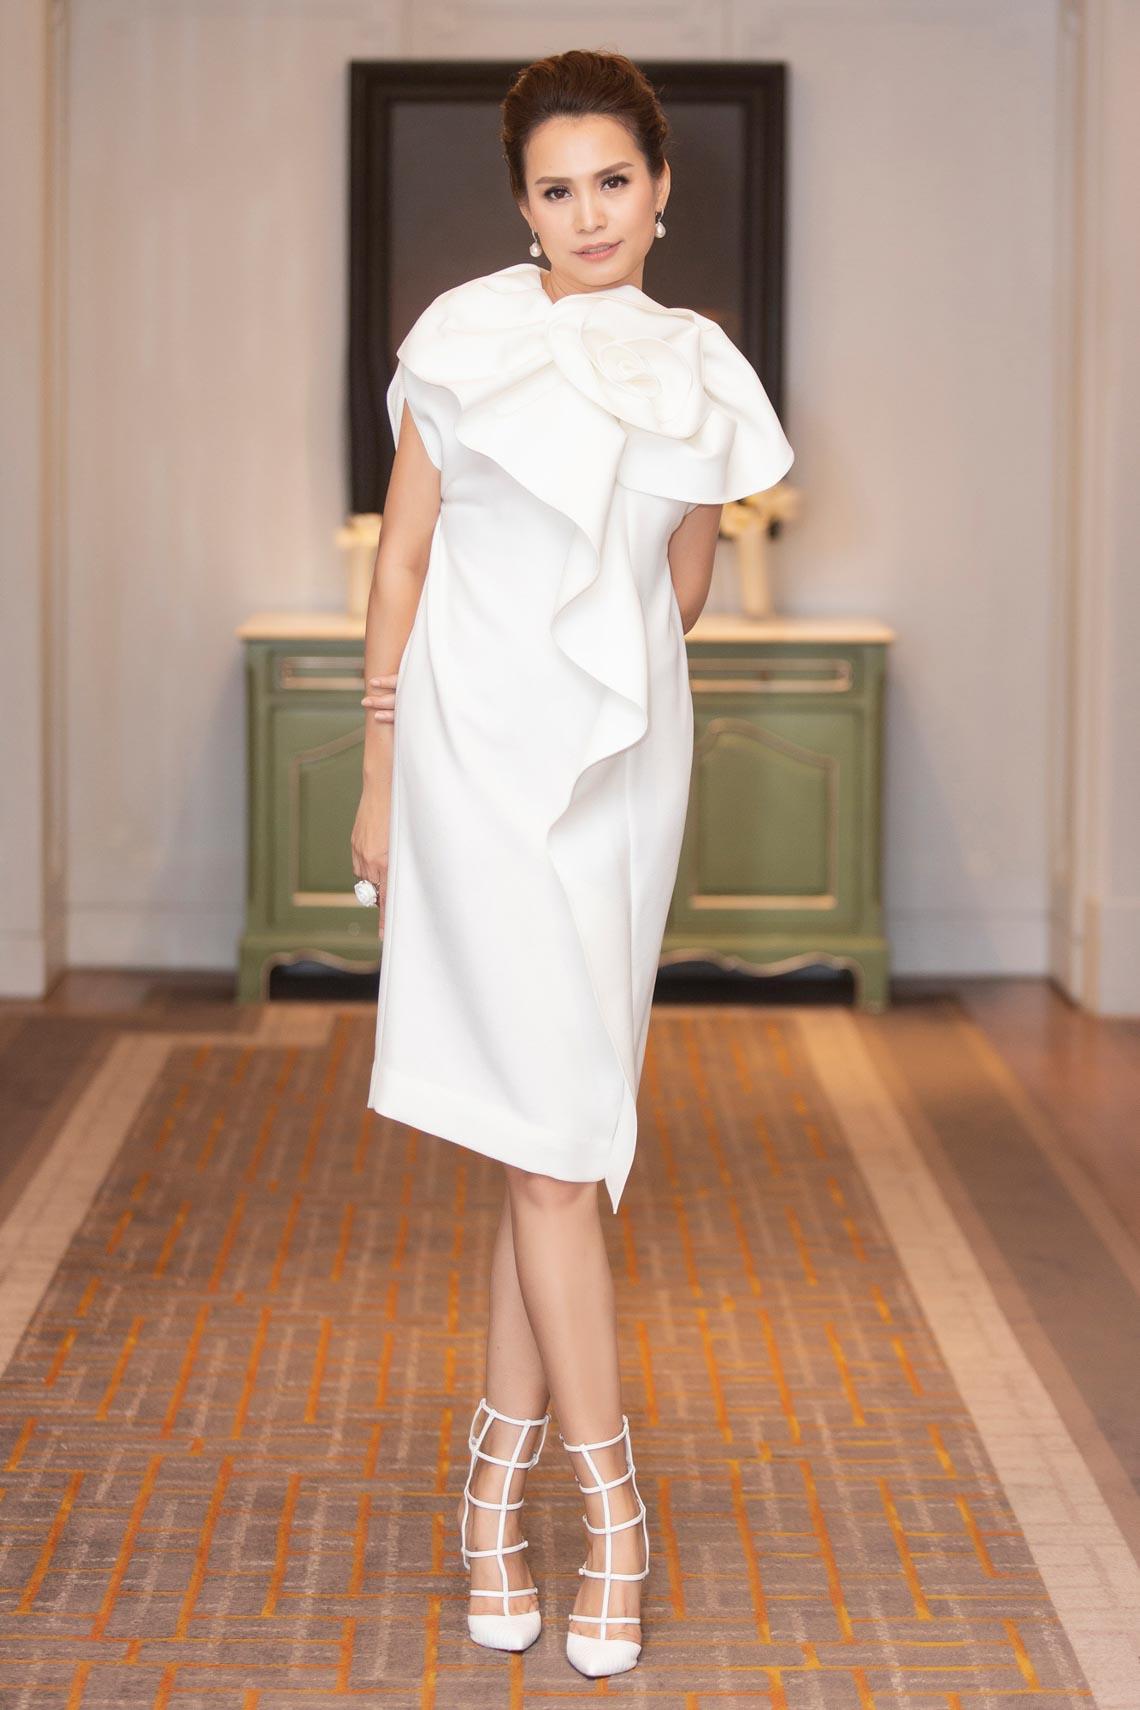 Dàn mỹ nhân diện trang phục trắng tinh khôi của NTK Đỗ Mạnh Cường - 12